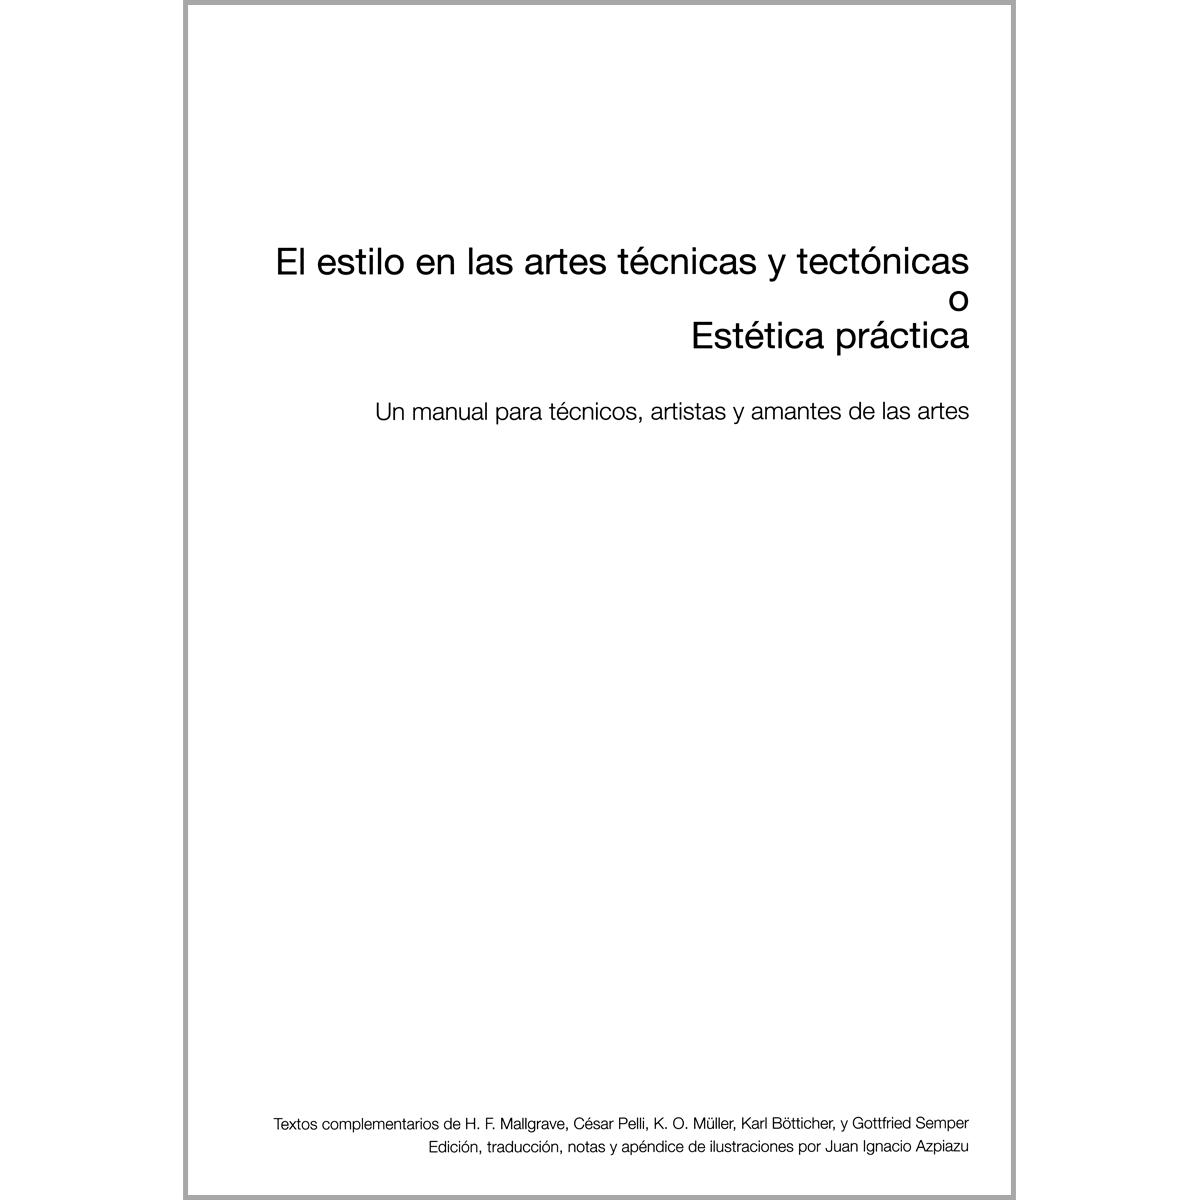 El estilo en las artes técnicas y tectónicas o Estética práctica